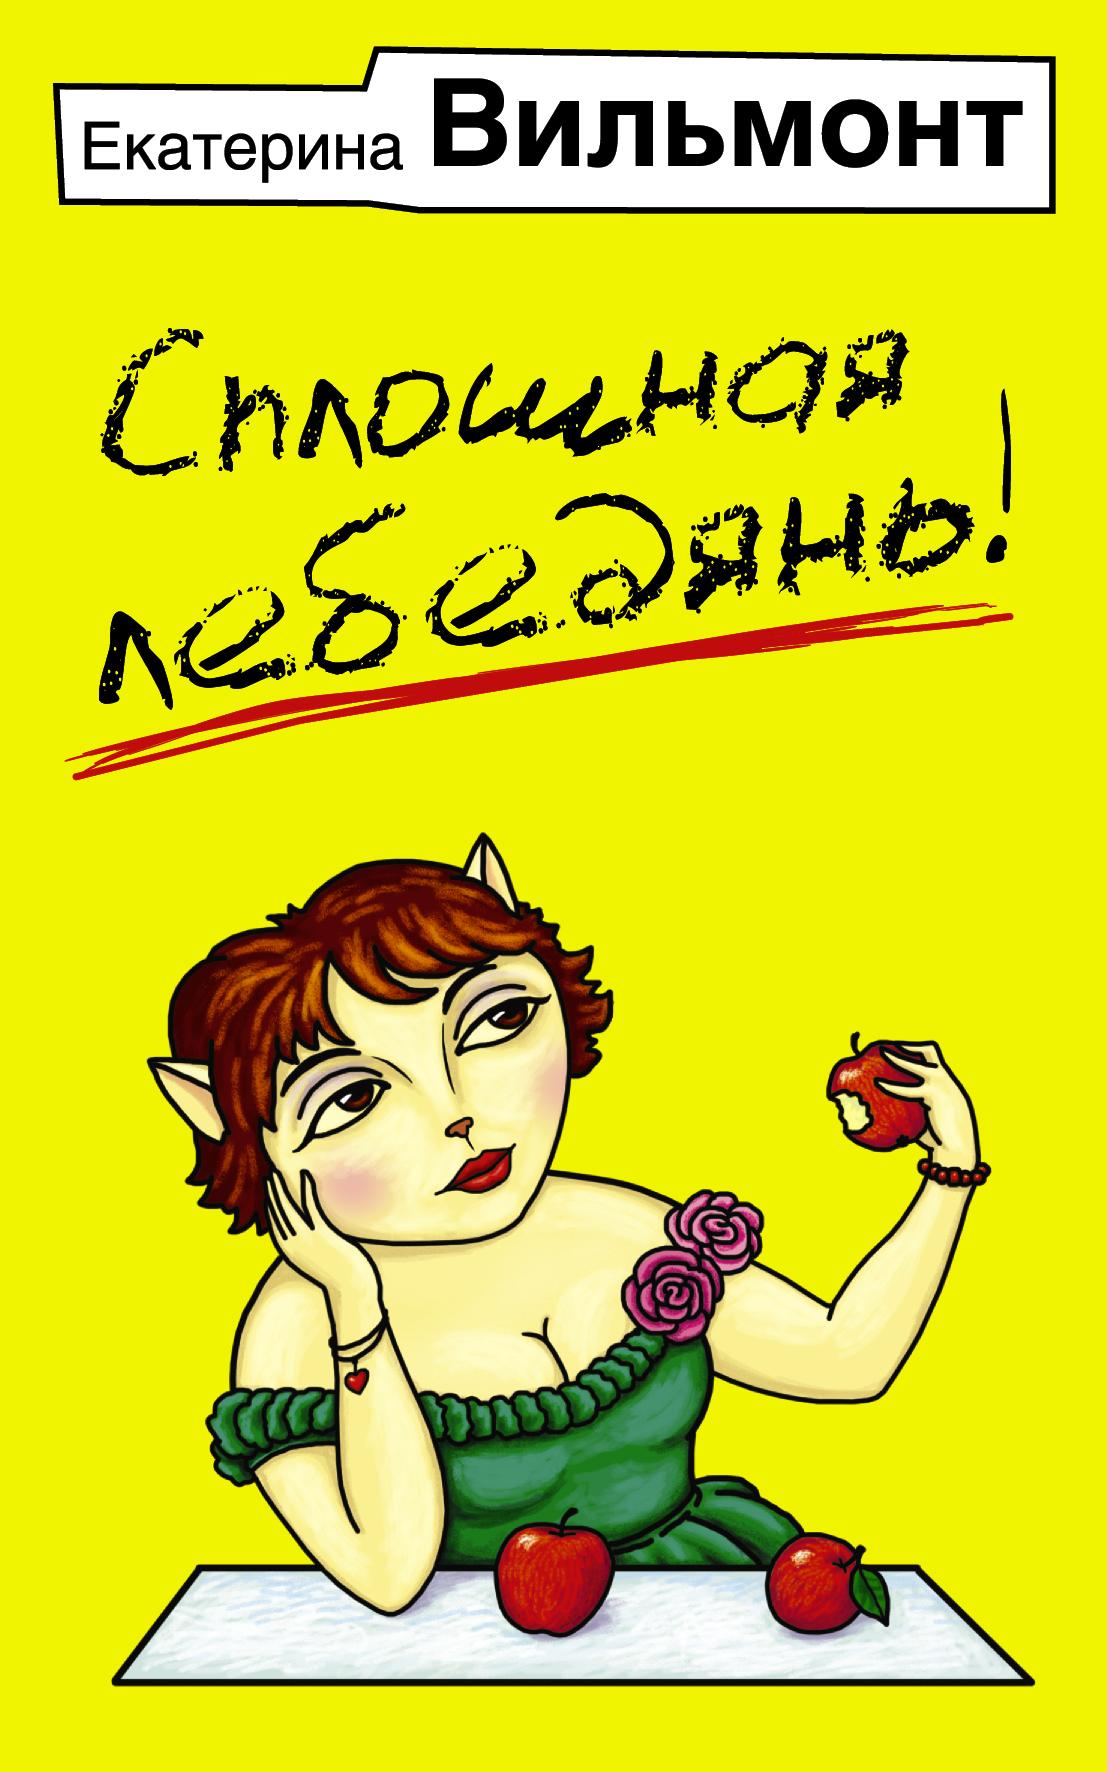 sploshnaya lebedyan